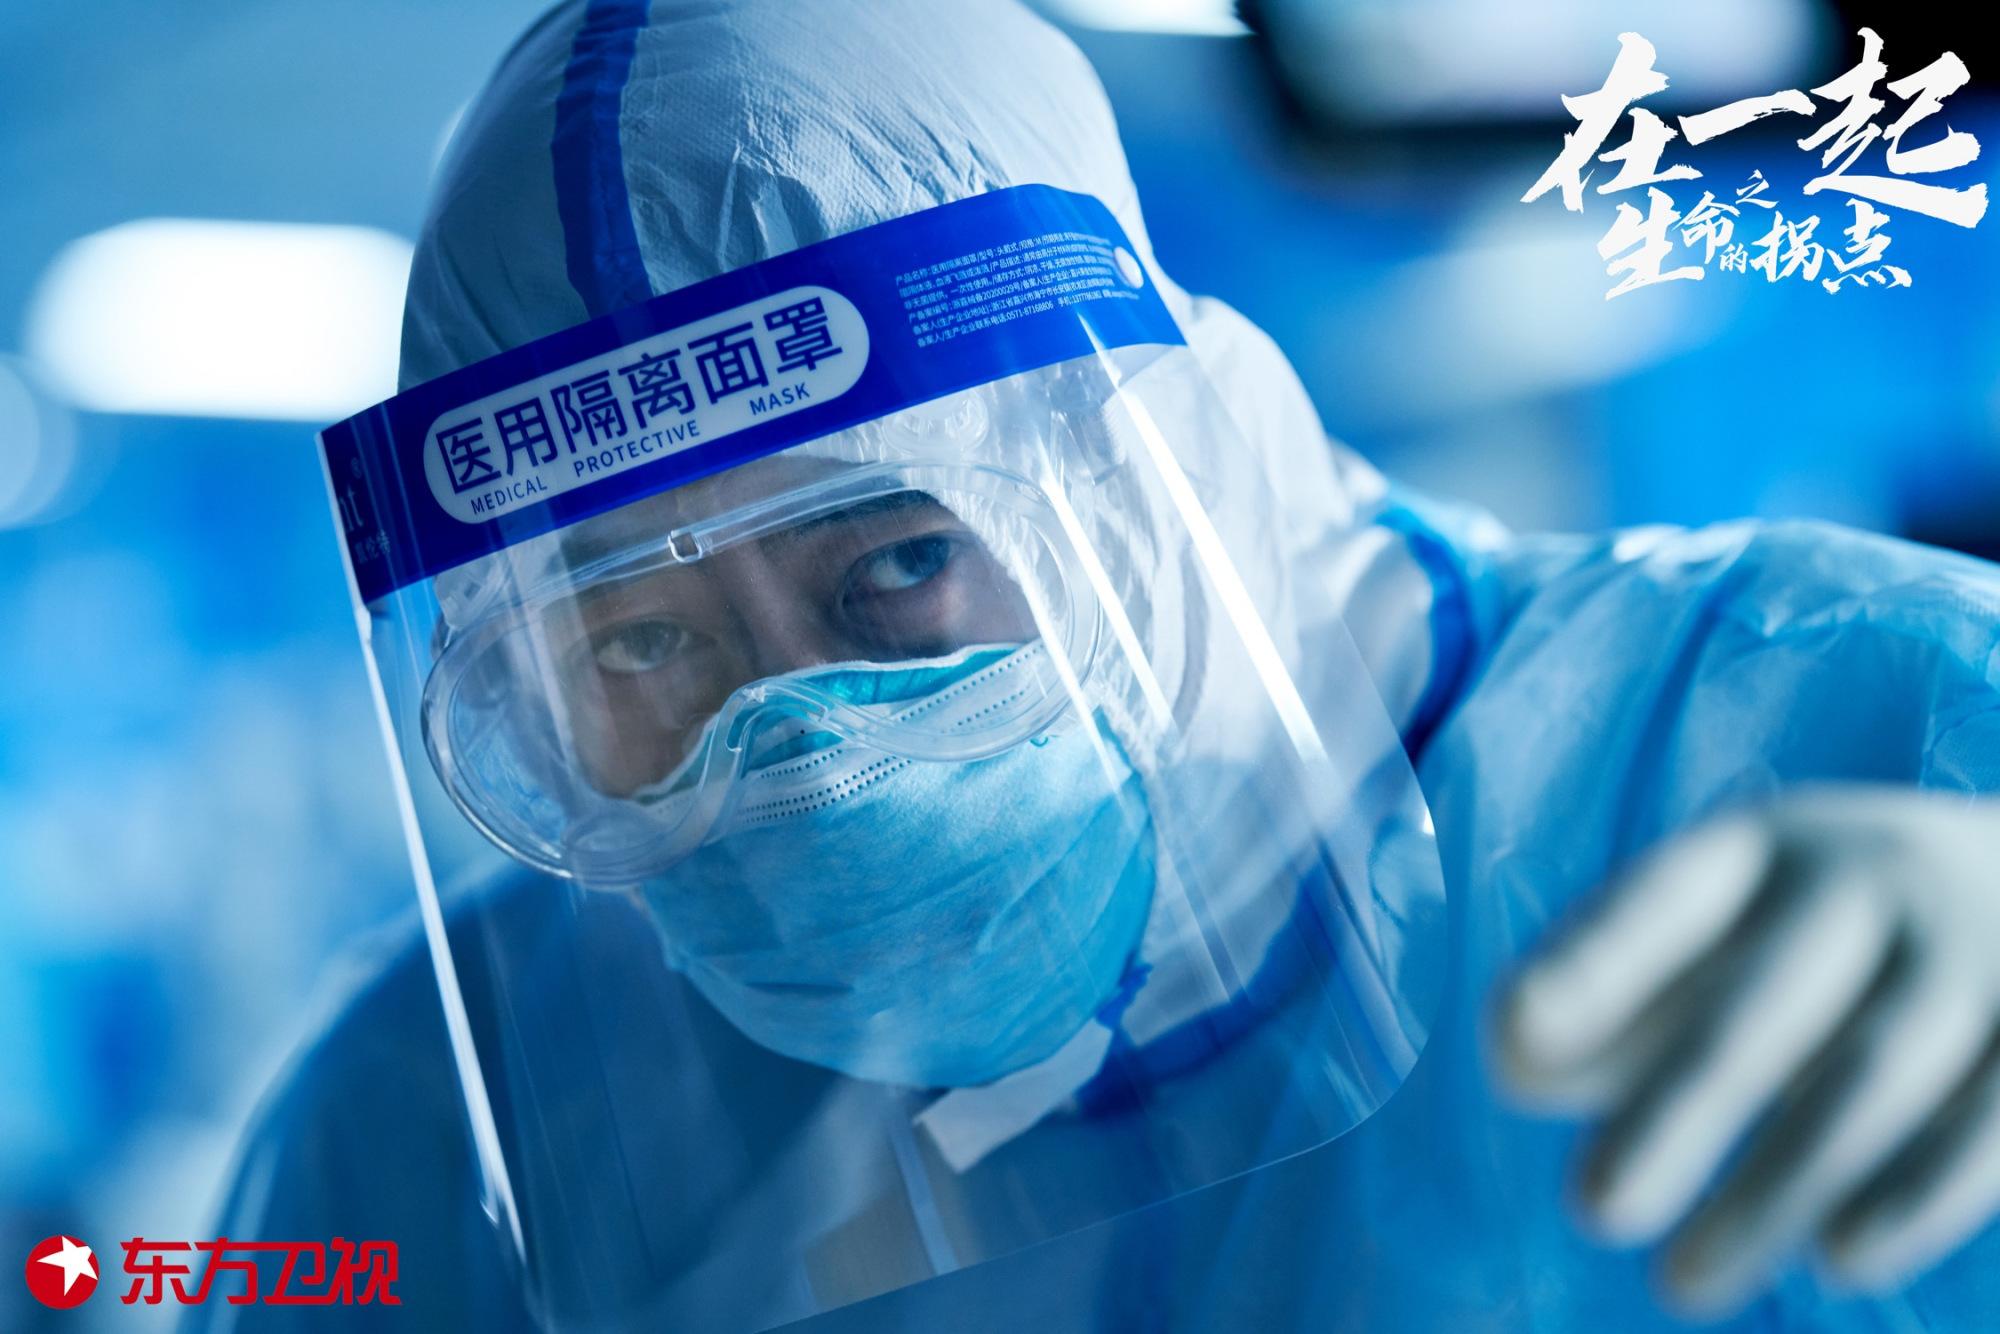 電視劇榜單《長安諾》小配角楊超越貢獻度超女主,榜首全員實力派-圖2